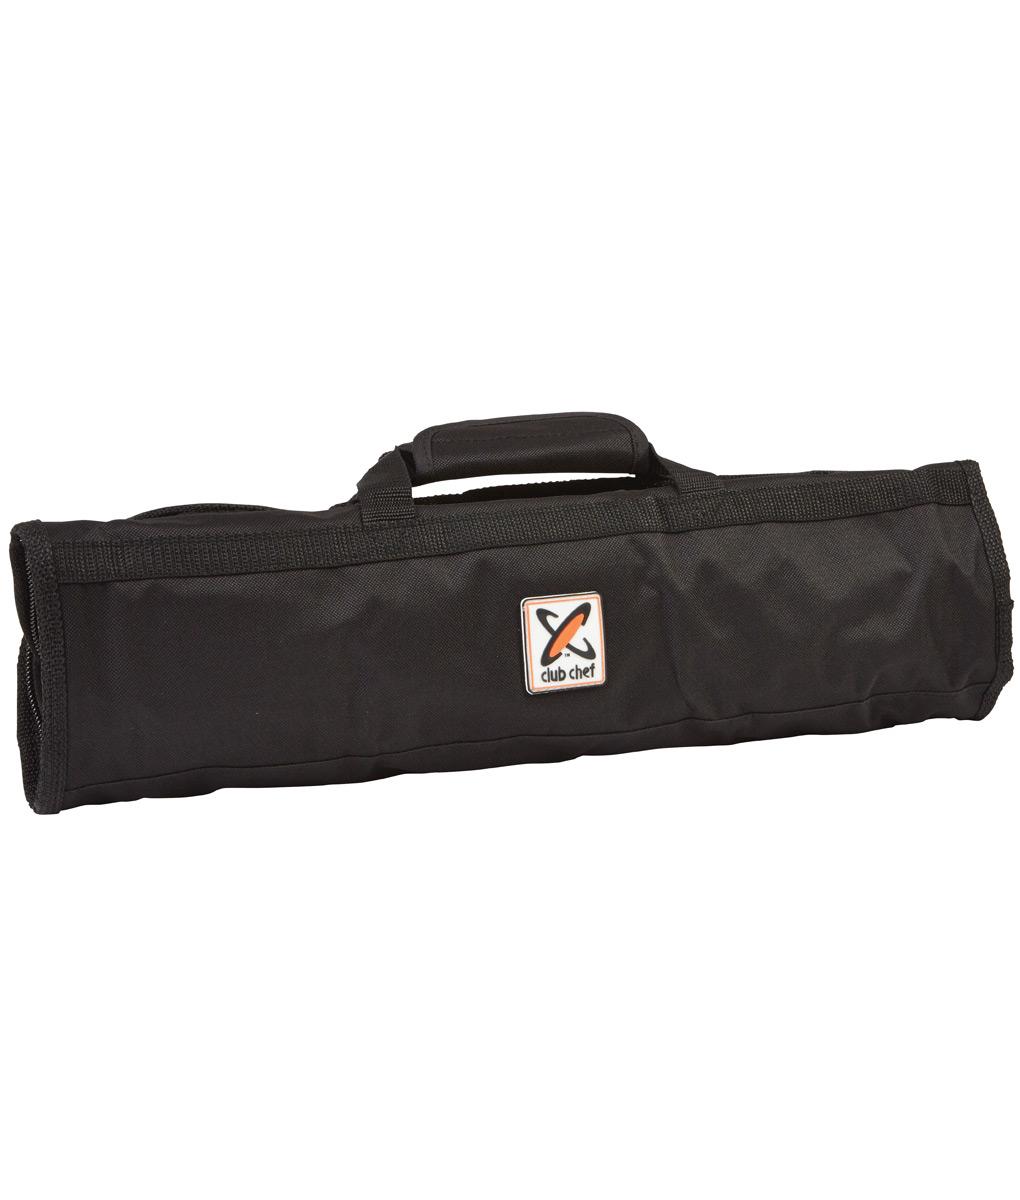 Club Chef Knife Carry Wrap 8 Piece Cases & Storage